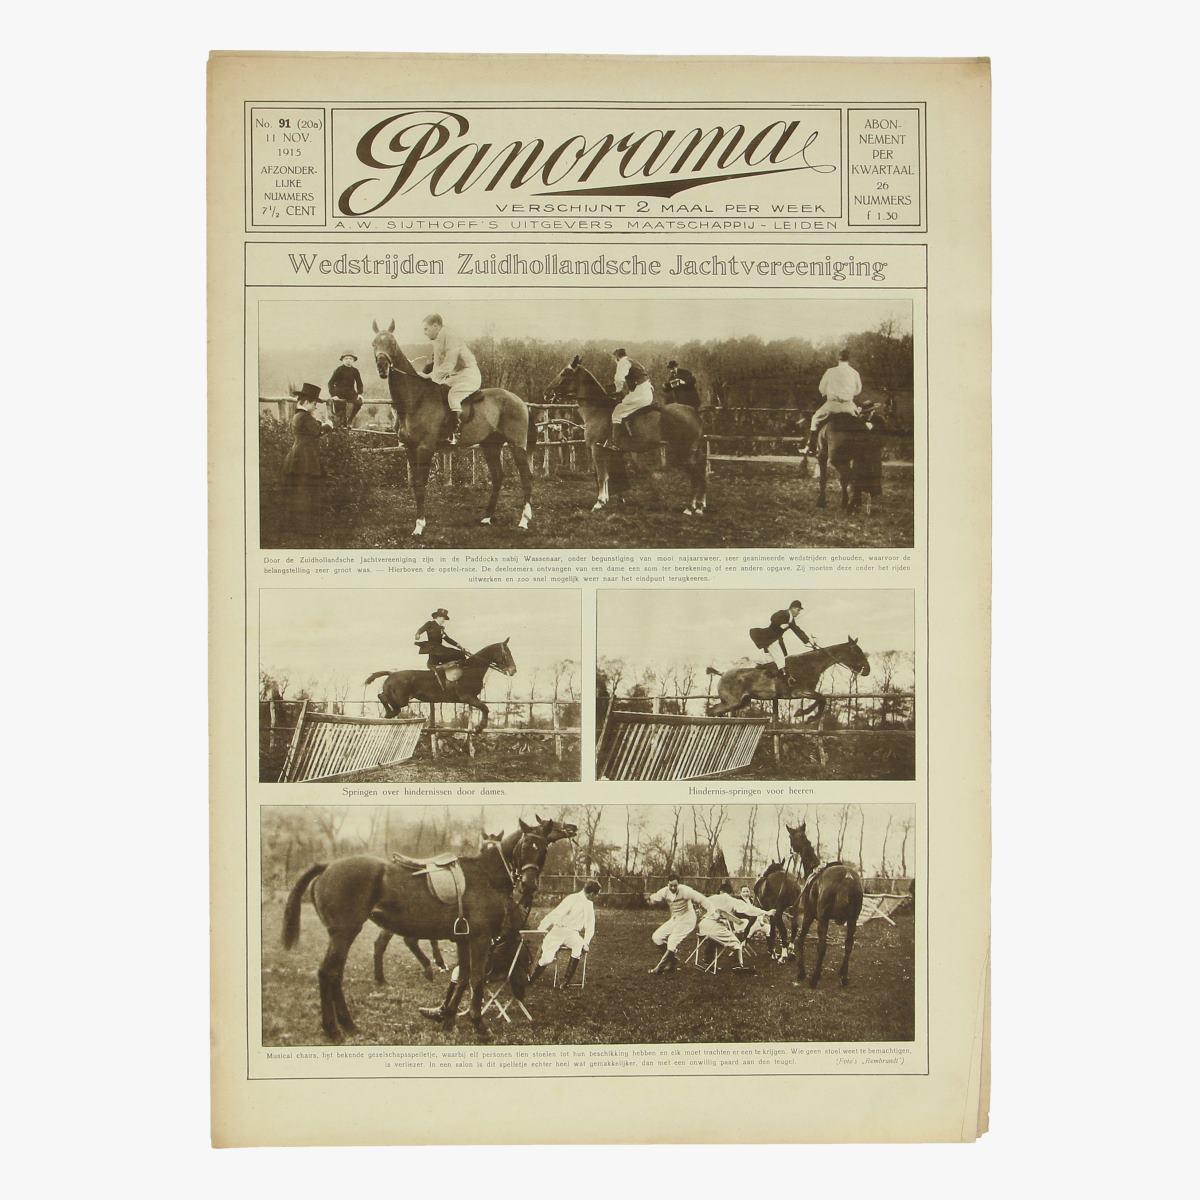 Afbeeldingen van oude weekblad Panorama 11 nov 1915 n°91 (20a)